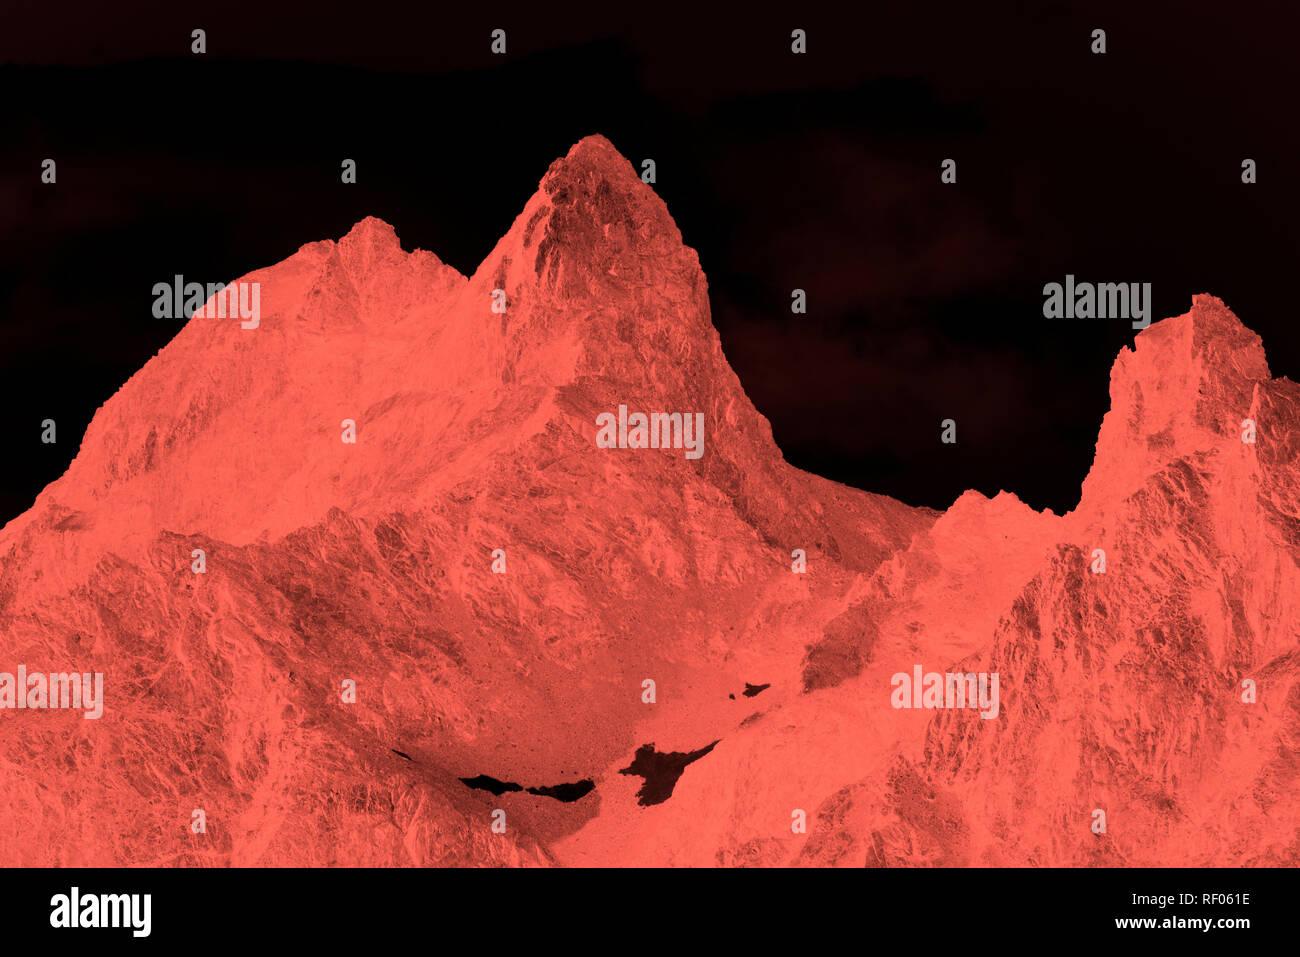 Couleur corail vivant de l'année dans les montagnes des Alpes suisses Photo Stock